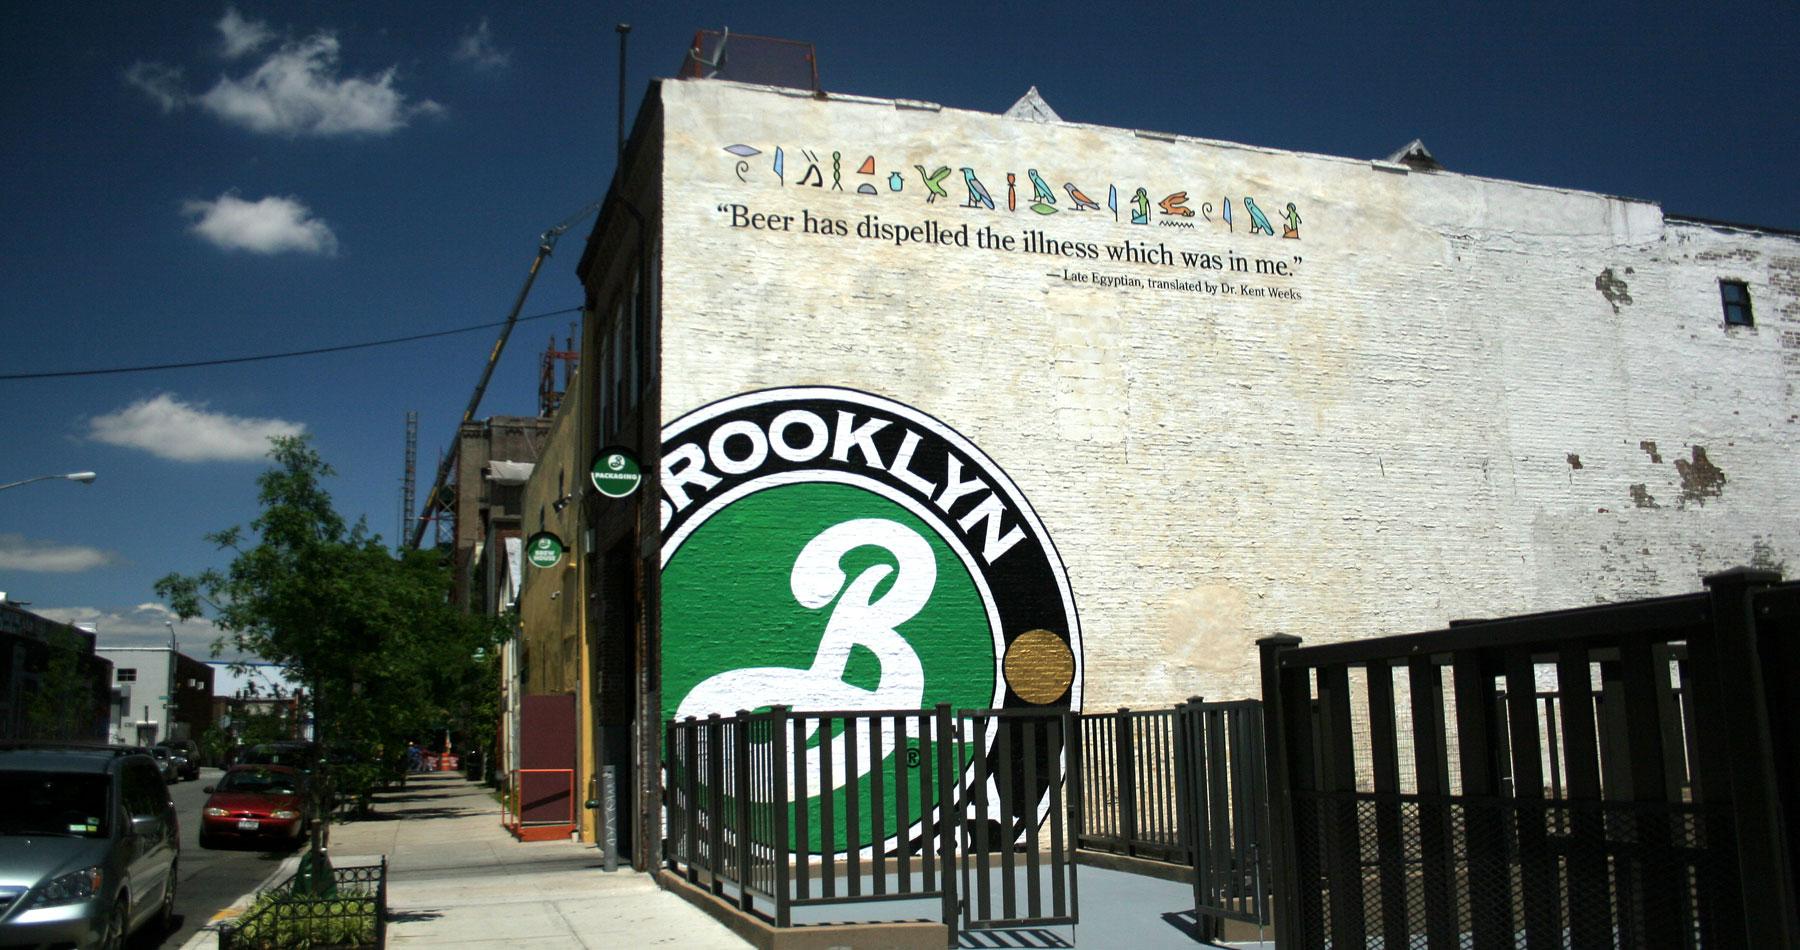 The Brooklyn Brewery.